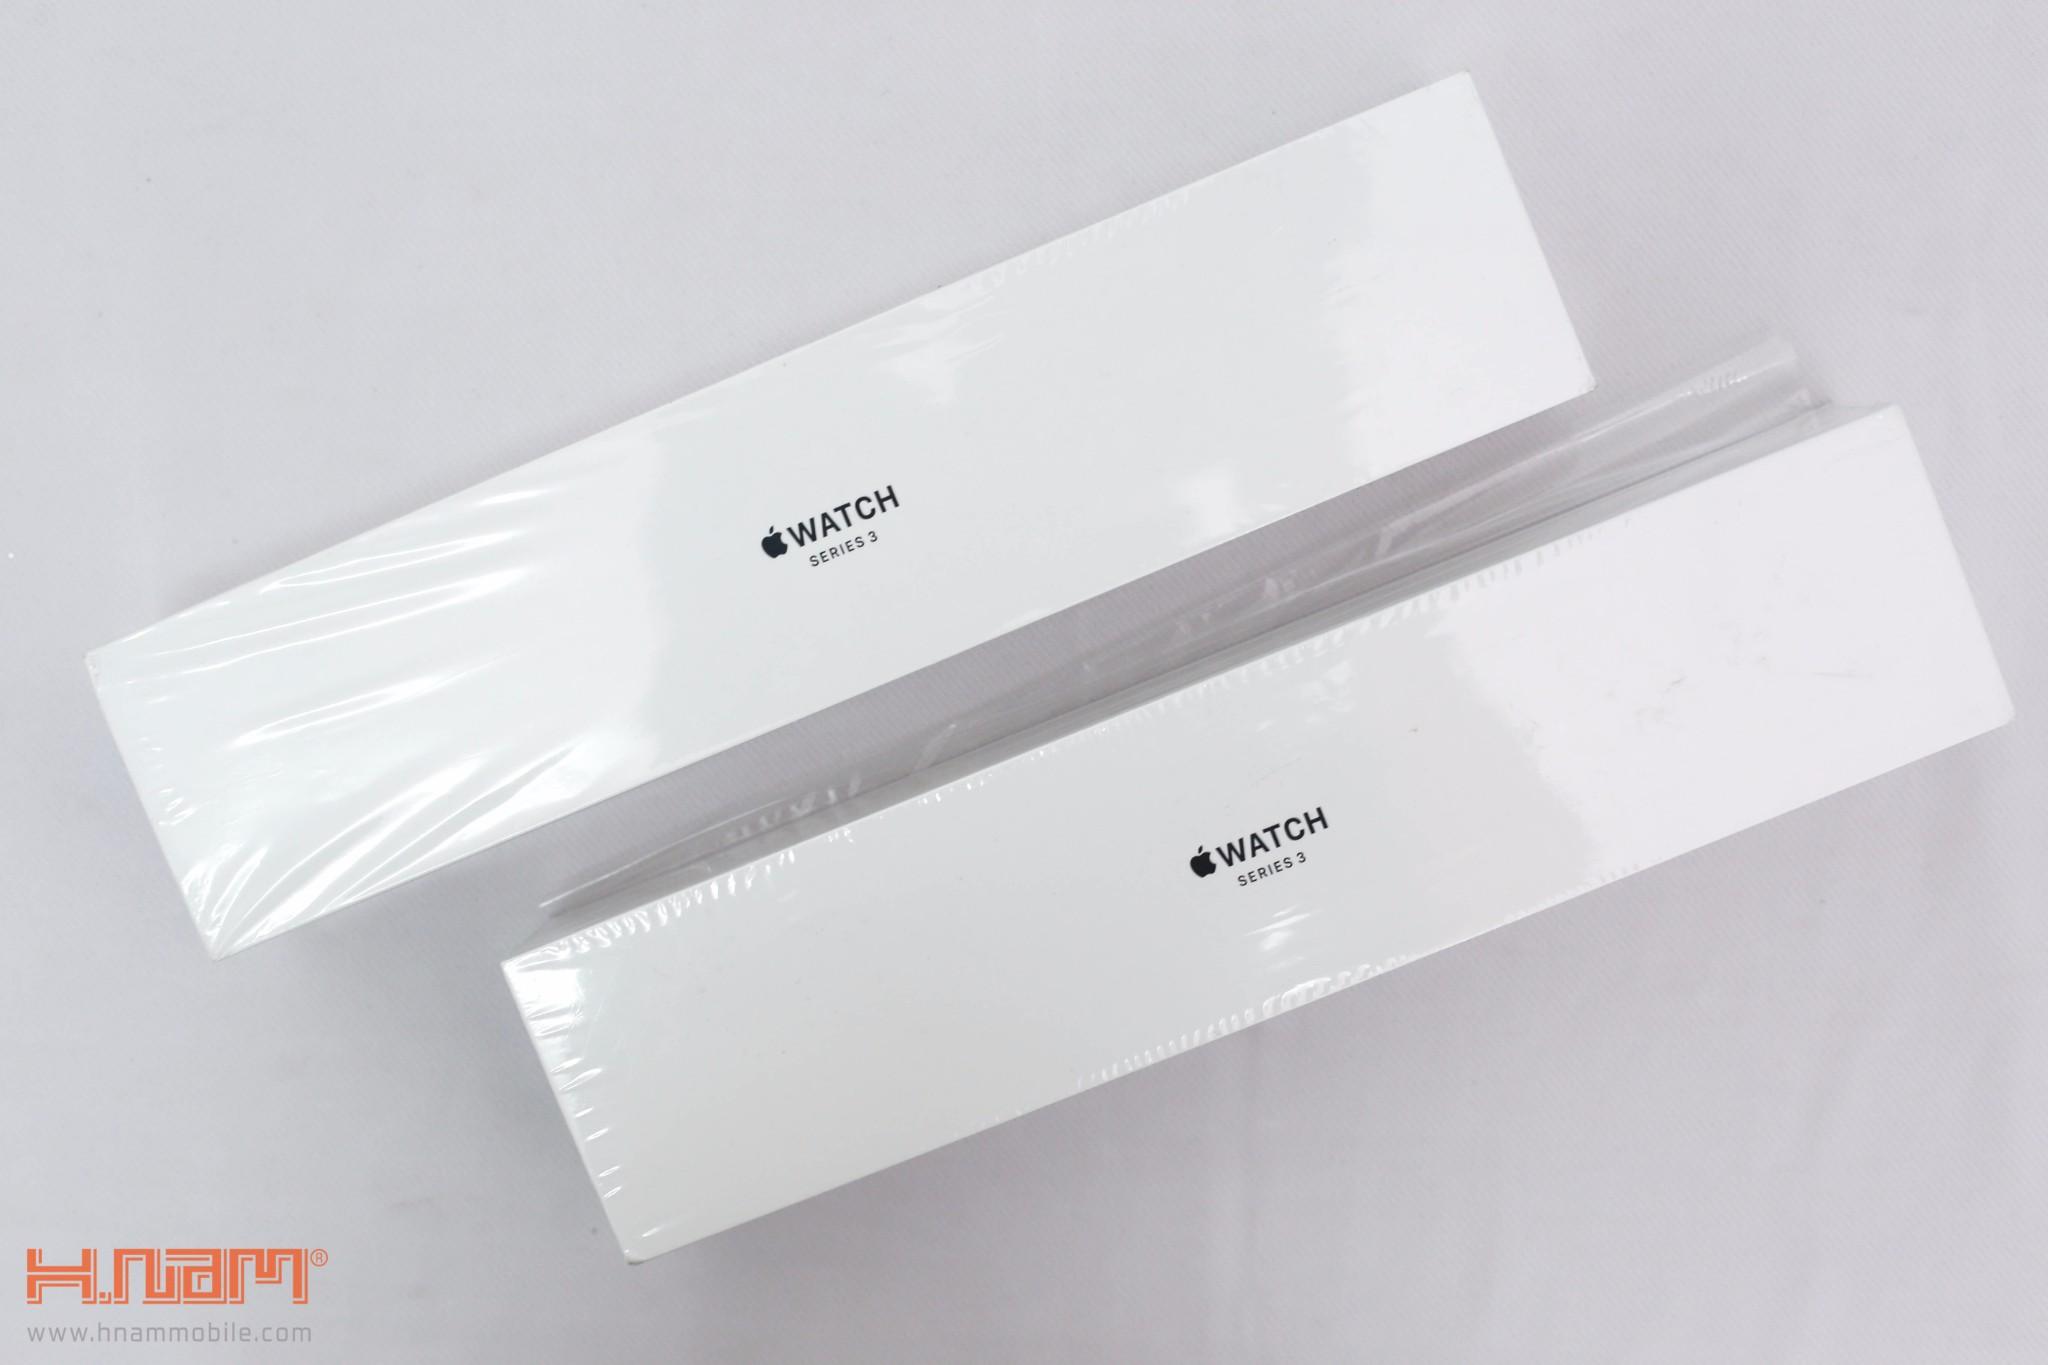 Đập 2 hộp Apple Watch Series 3: Vẫn rất đẹp và hiện đại, cấu hình mạnh hơn hình 2